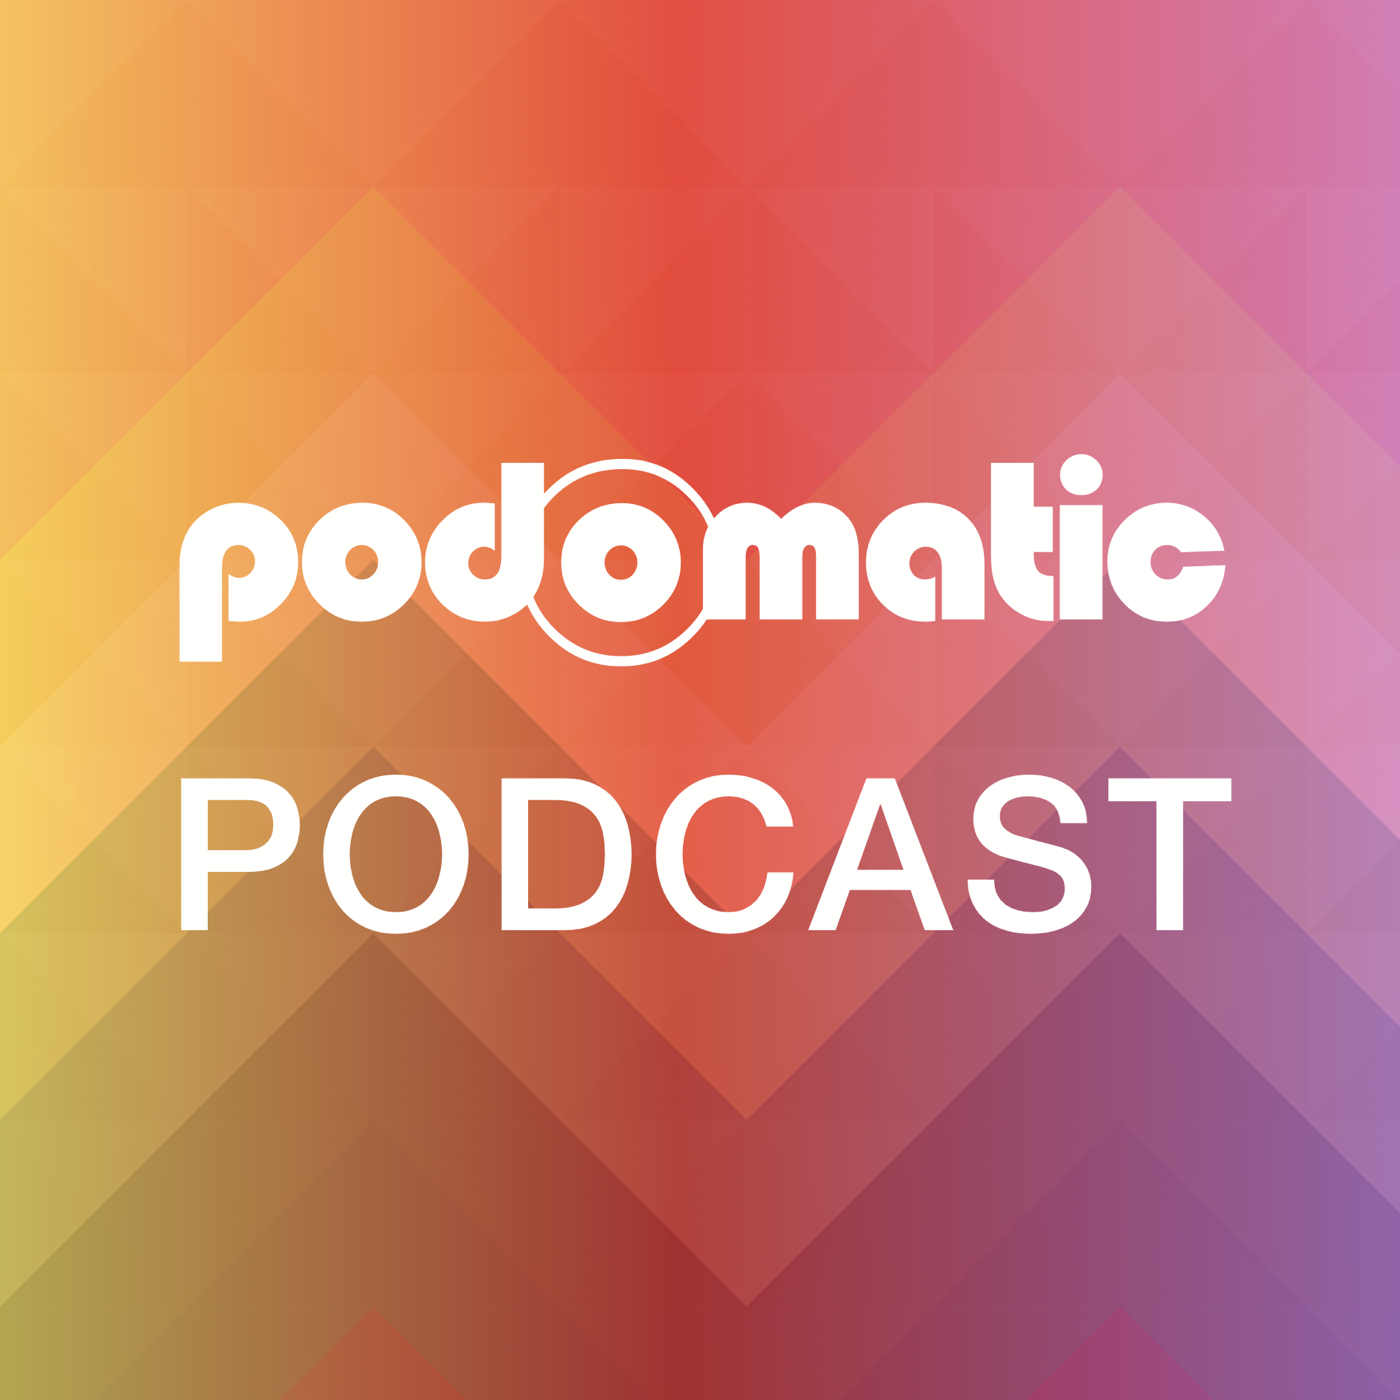 João's Podcast